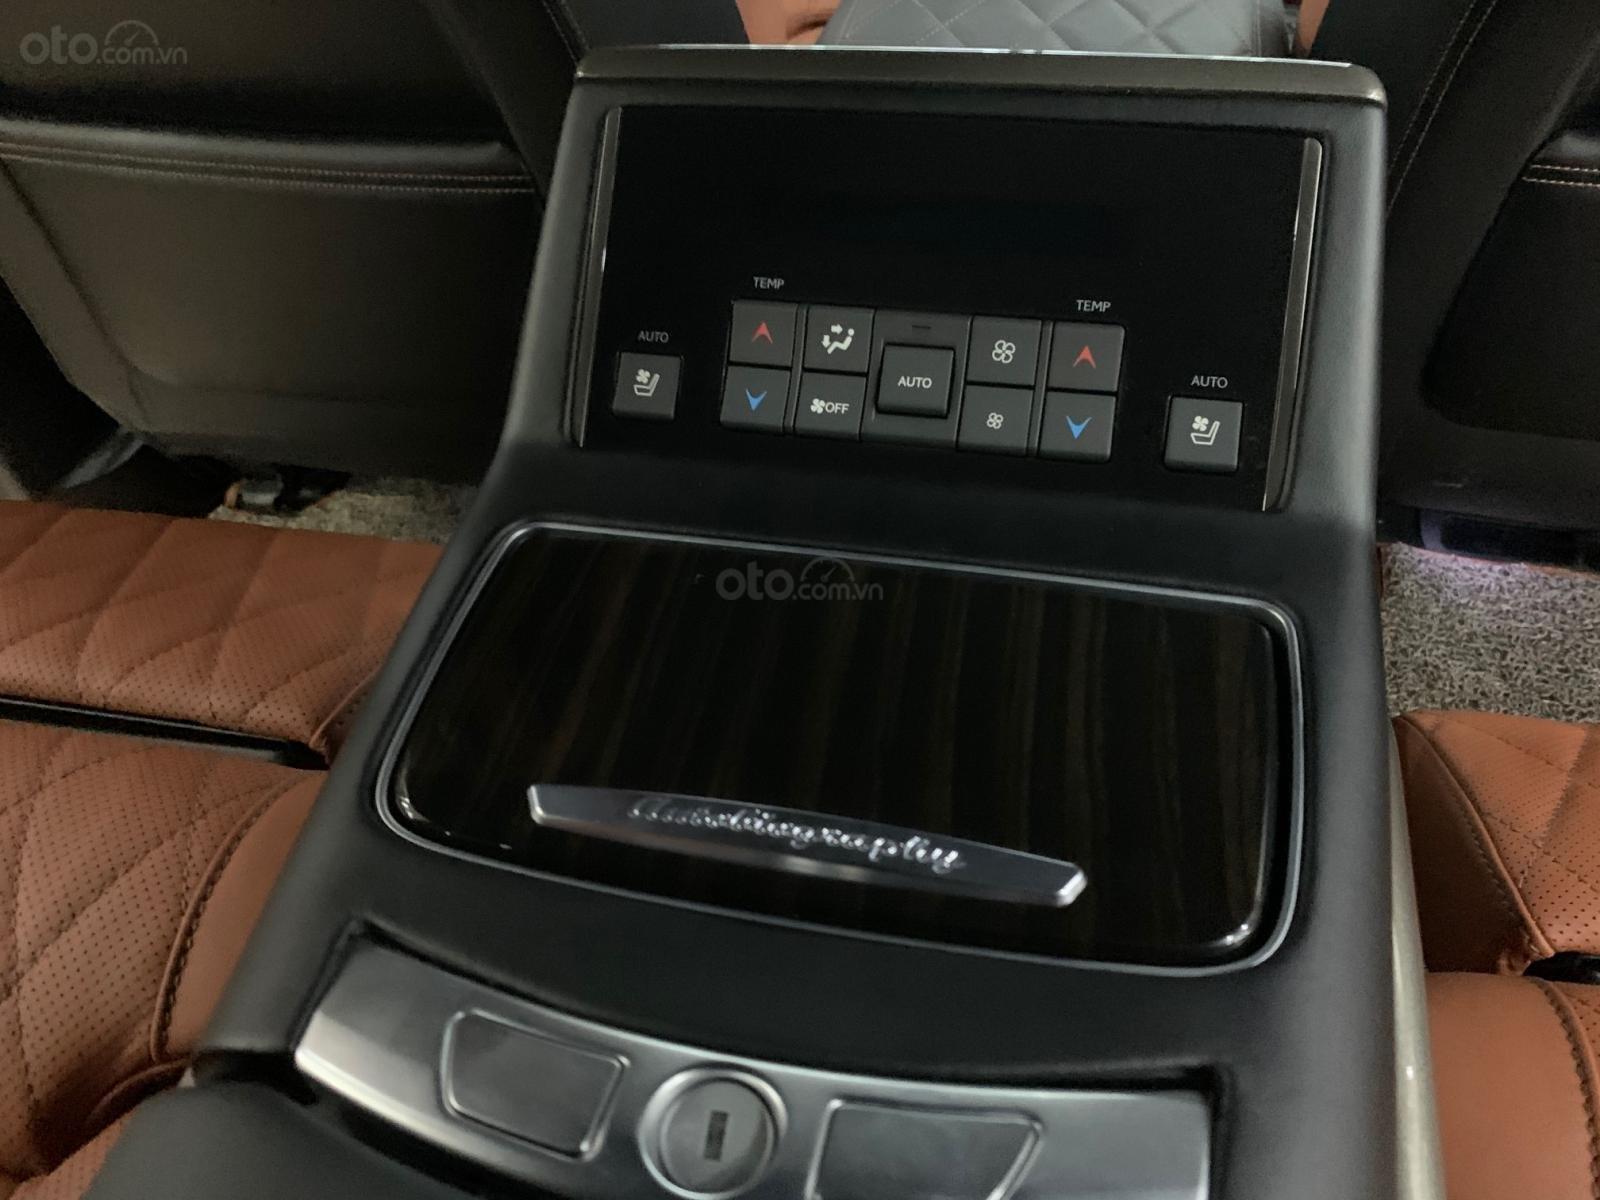 Bán xe Toyota Land Cruiser VXS 5.7 đời 2020, phiên bản 4 chỗ MBS cao cấp duy nhất Việt Nam (13)